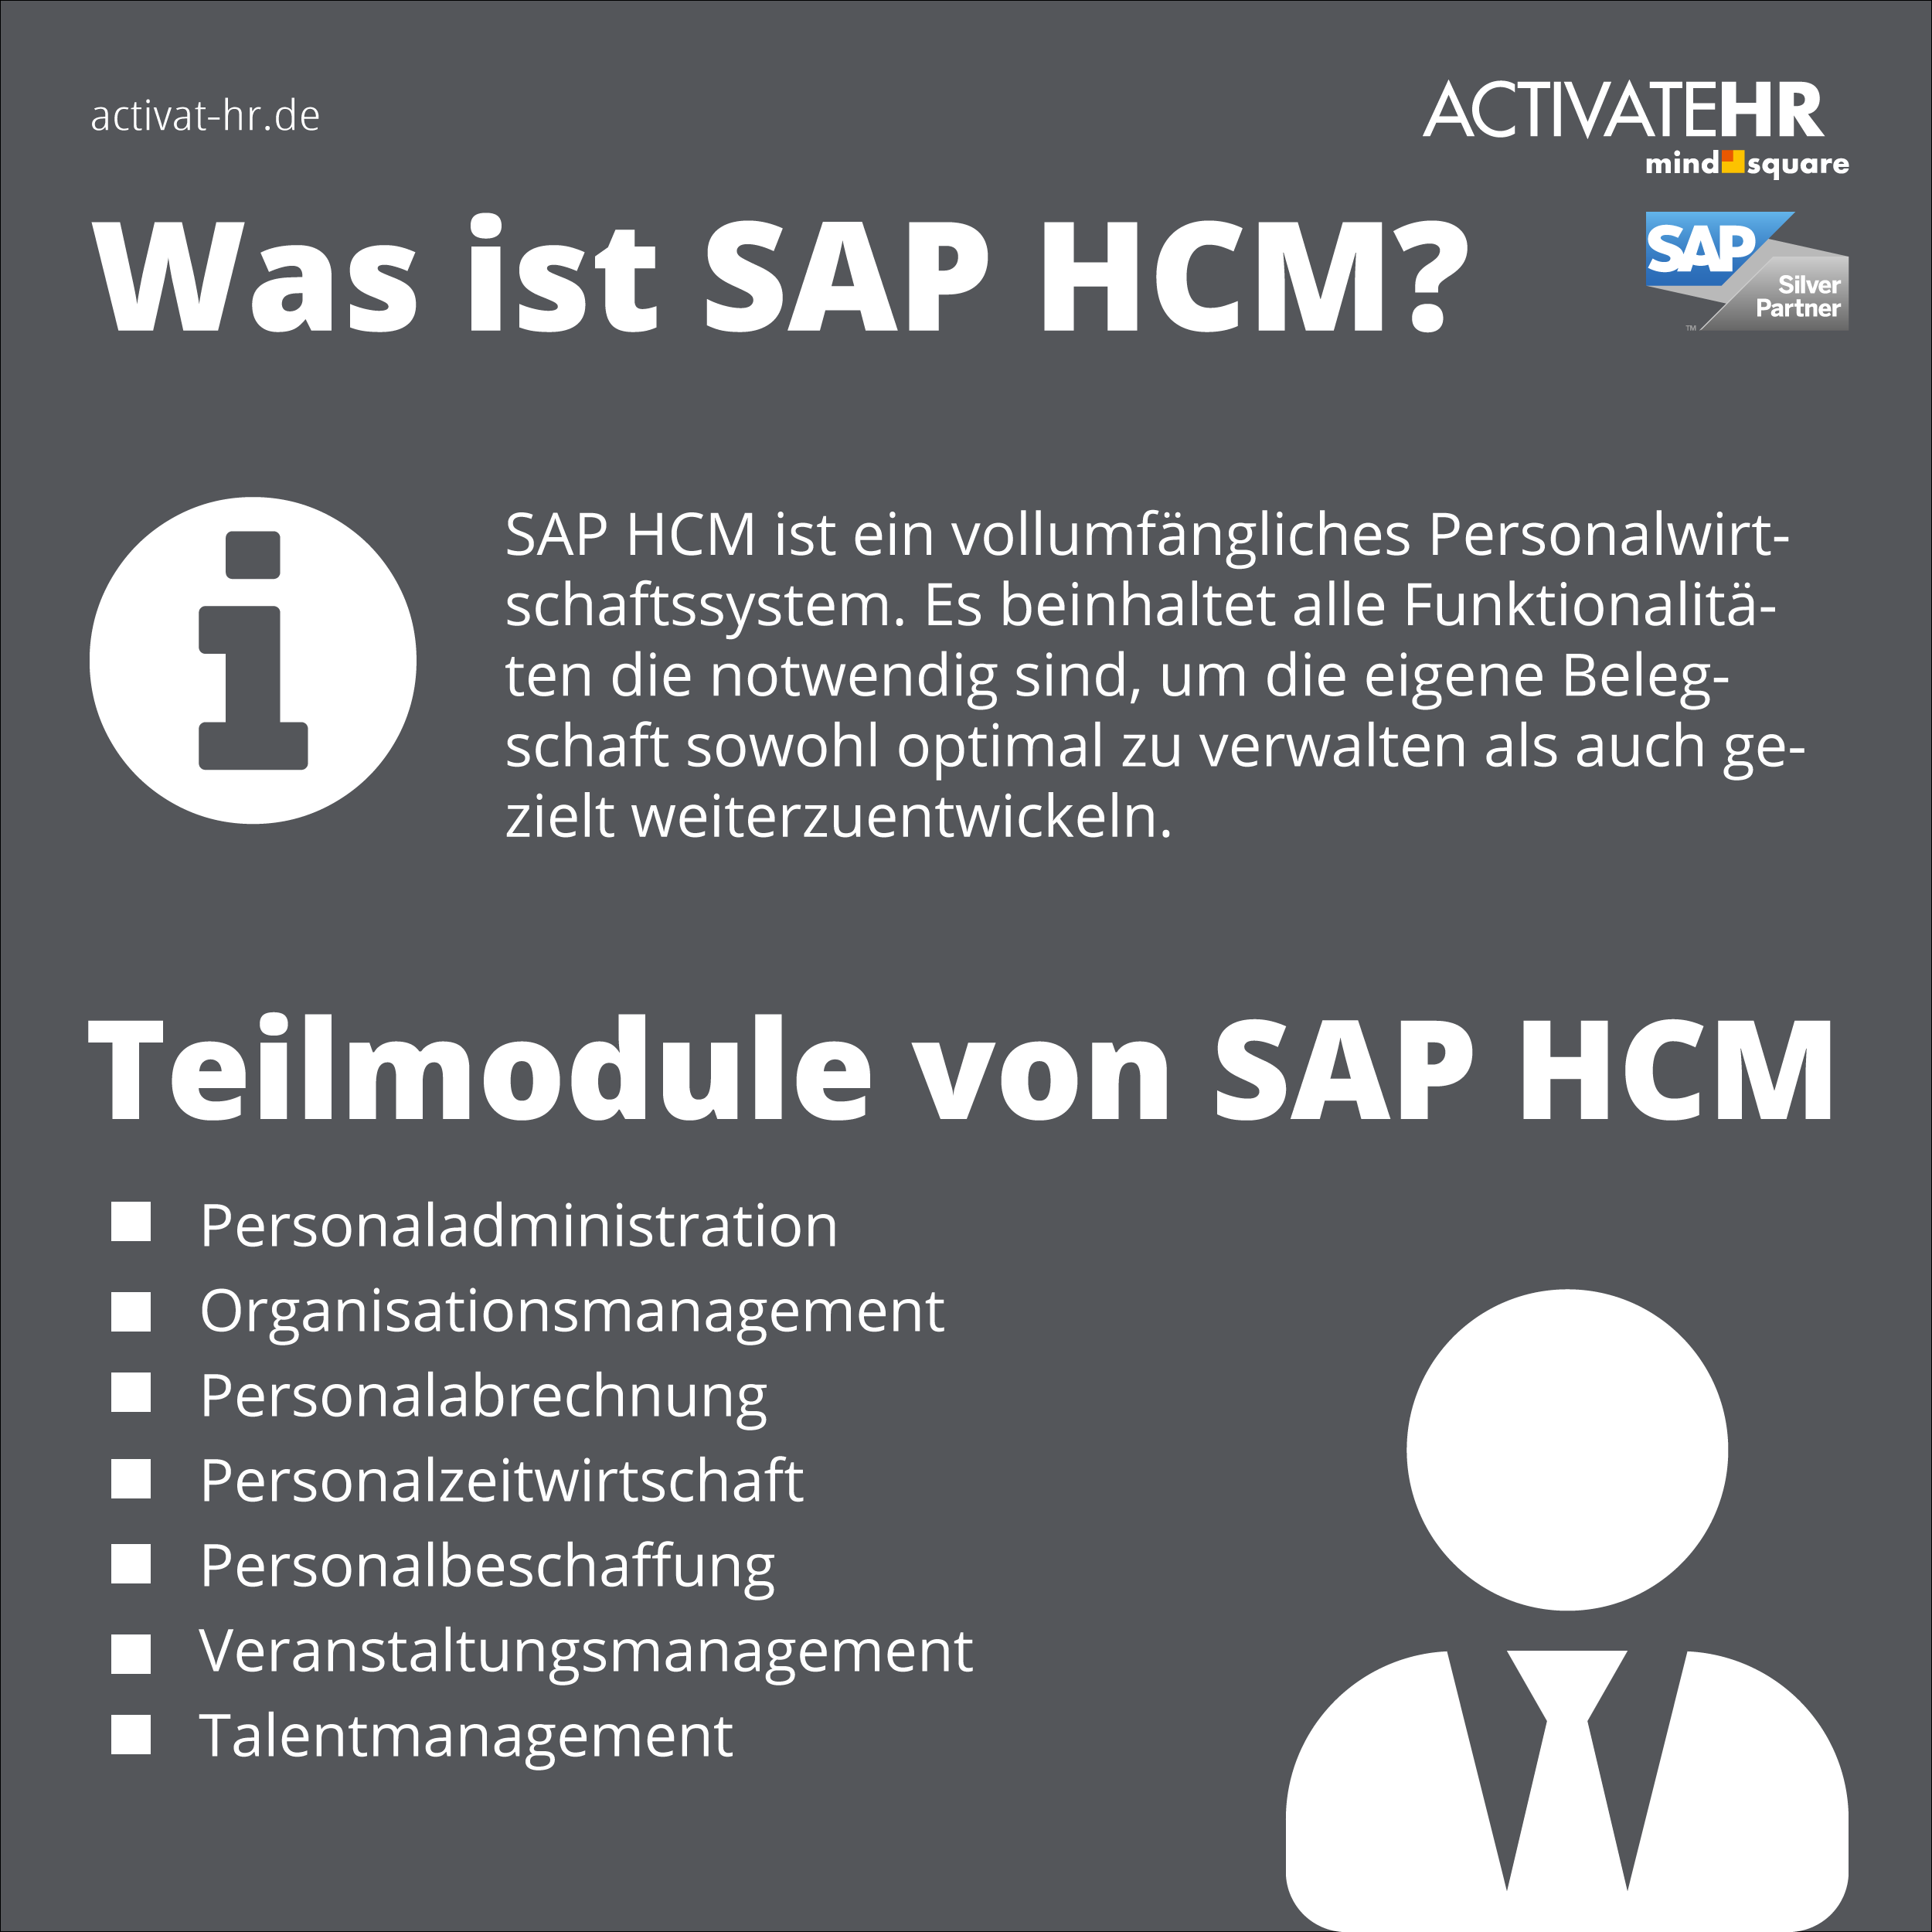 Was ist SAP HCM?